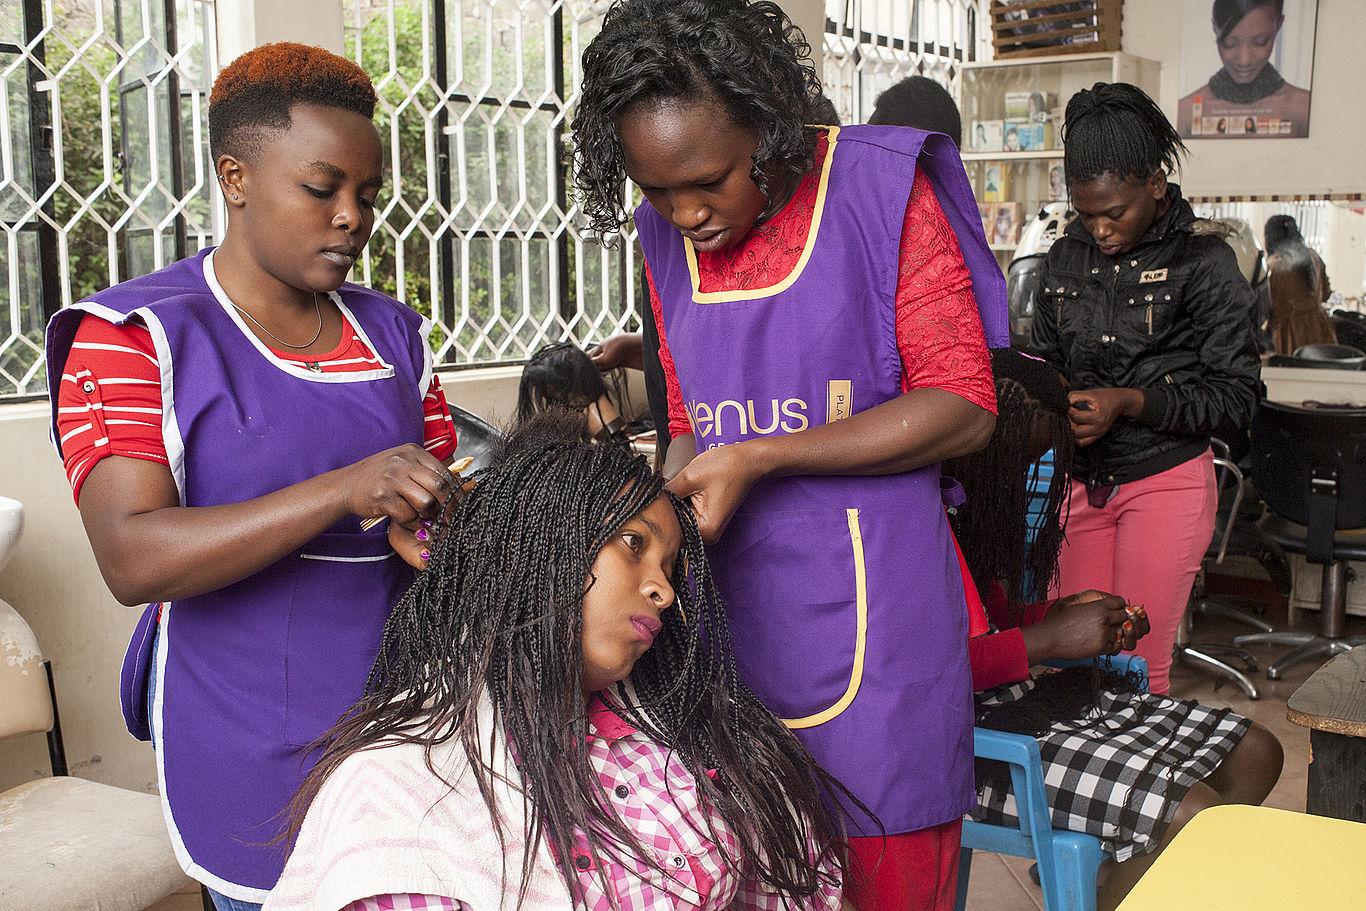 Zwei junge Frauen stehen in einem Friseursalon und frisieren eine dritte Frau.